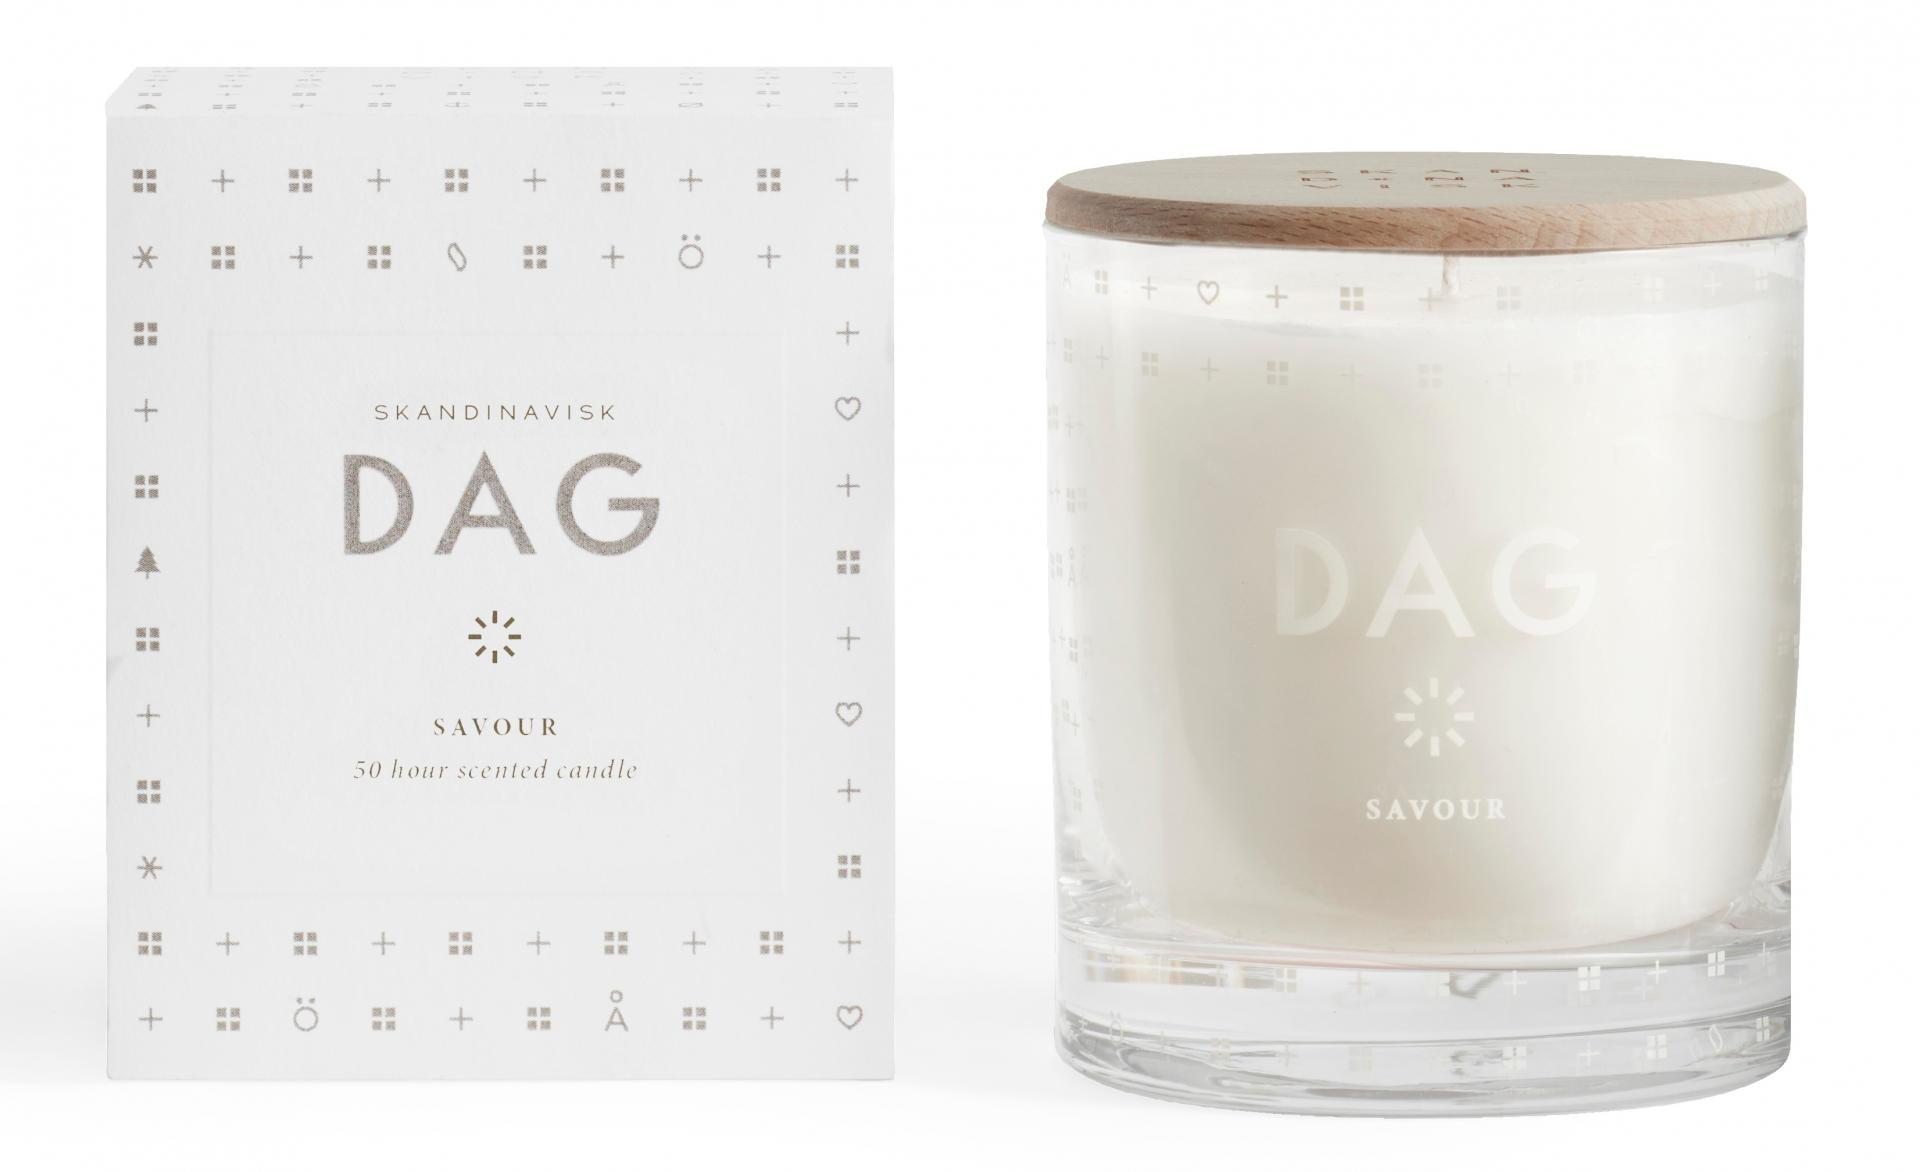 SKANDINAVISK Vonná svíčka DAG (den) 190 g, bílá barva, sklo